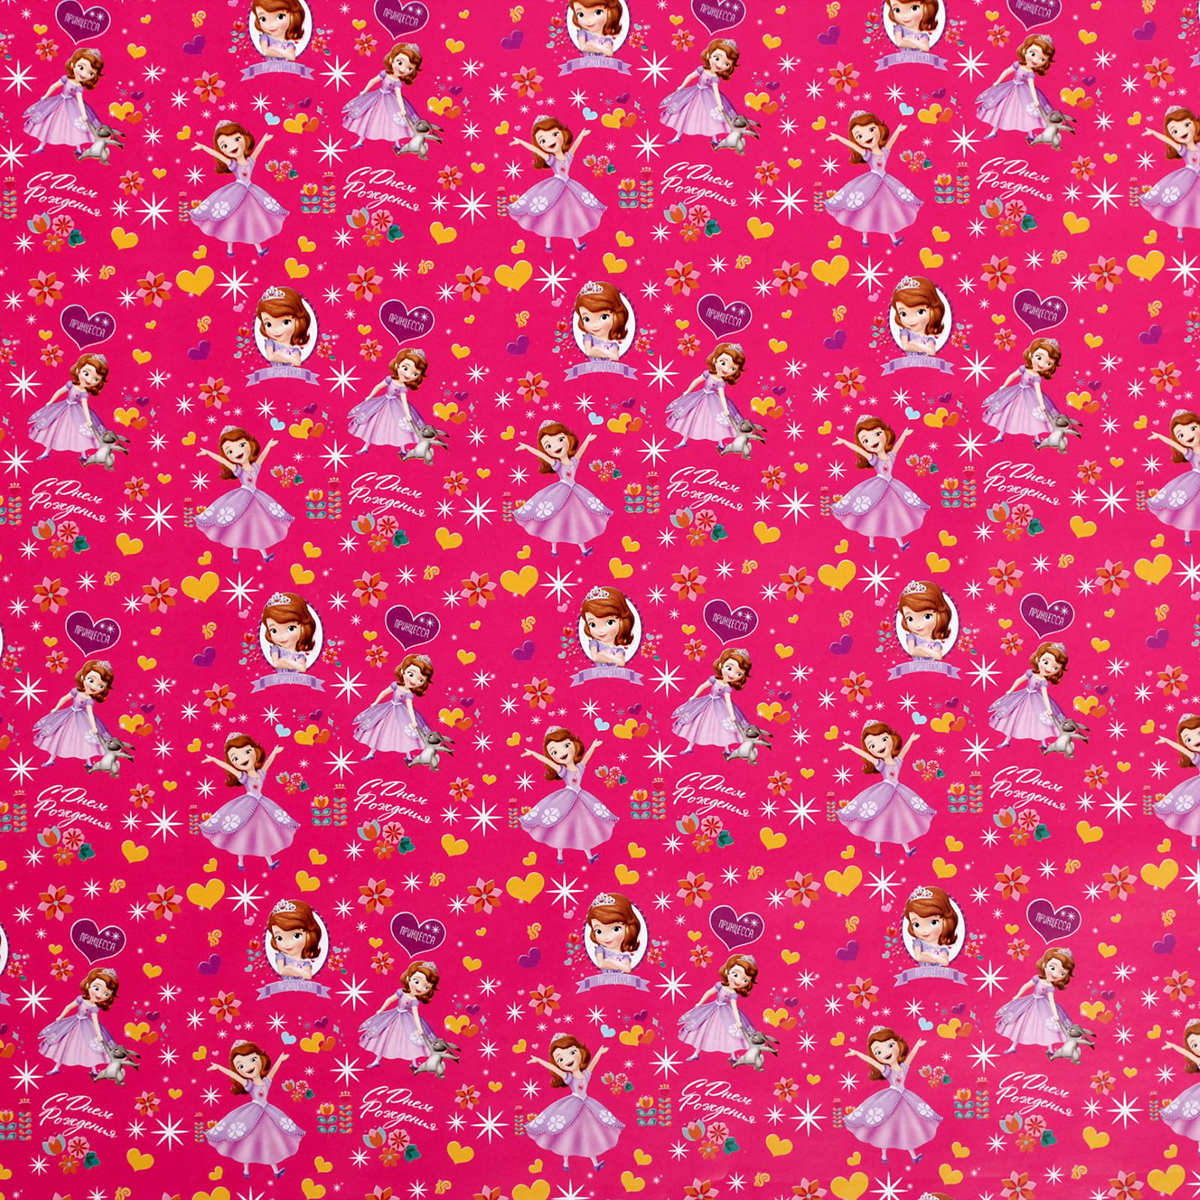 Бумага упаковочная Disney С Днем Рождения. София Прекрасная, глянцевая, 50 х 70 см. 2391091 disney гирлянда детская на ленте тачки с днем рождения